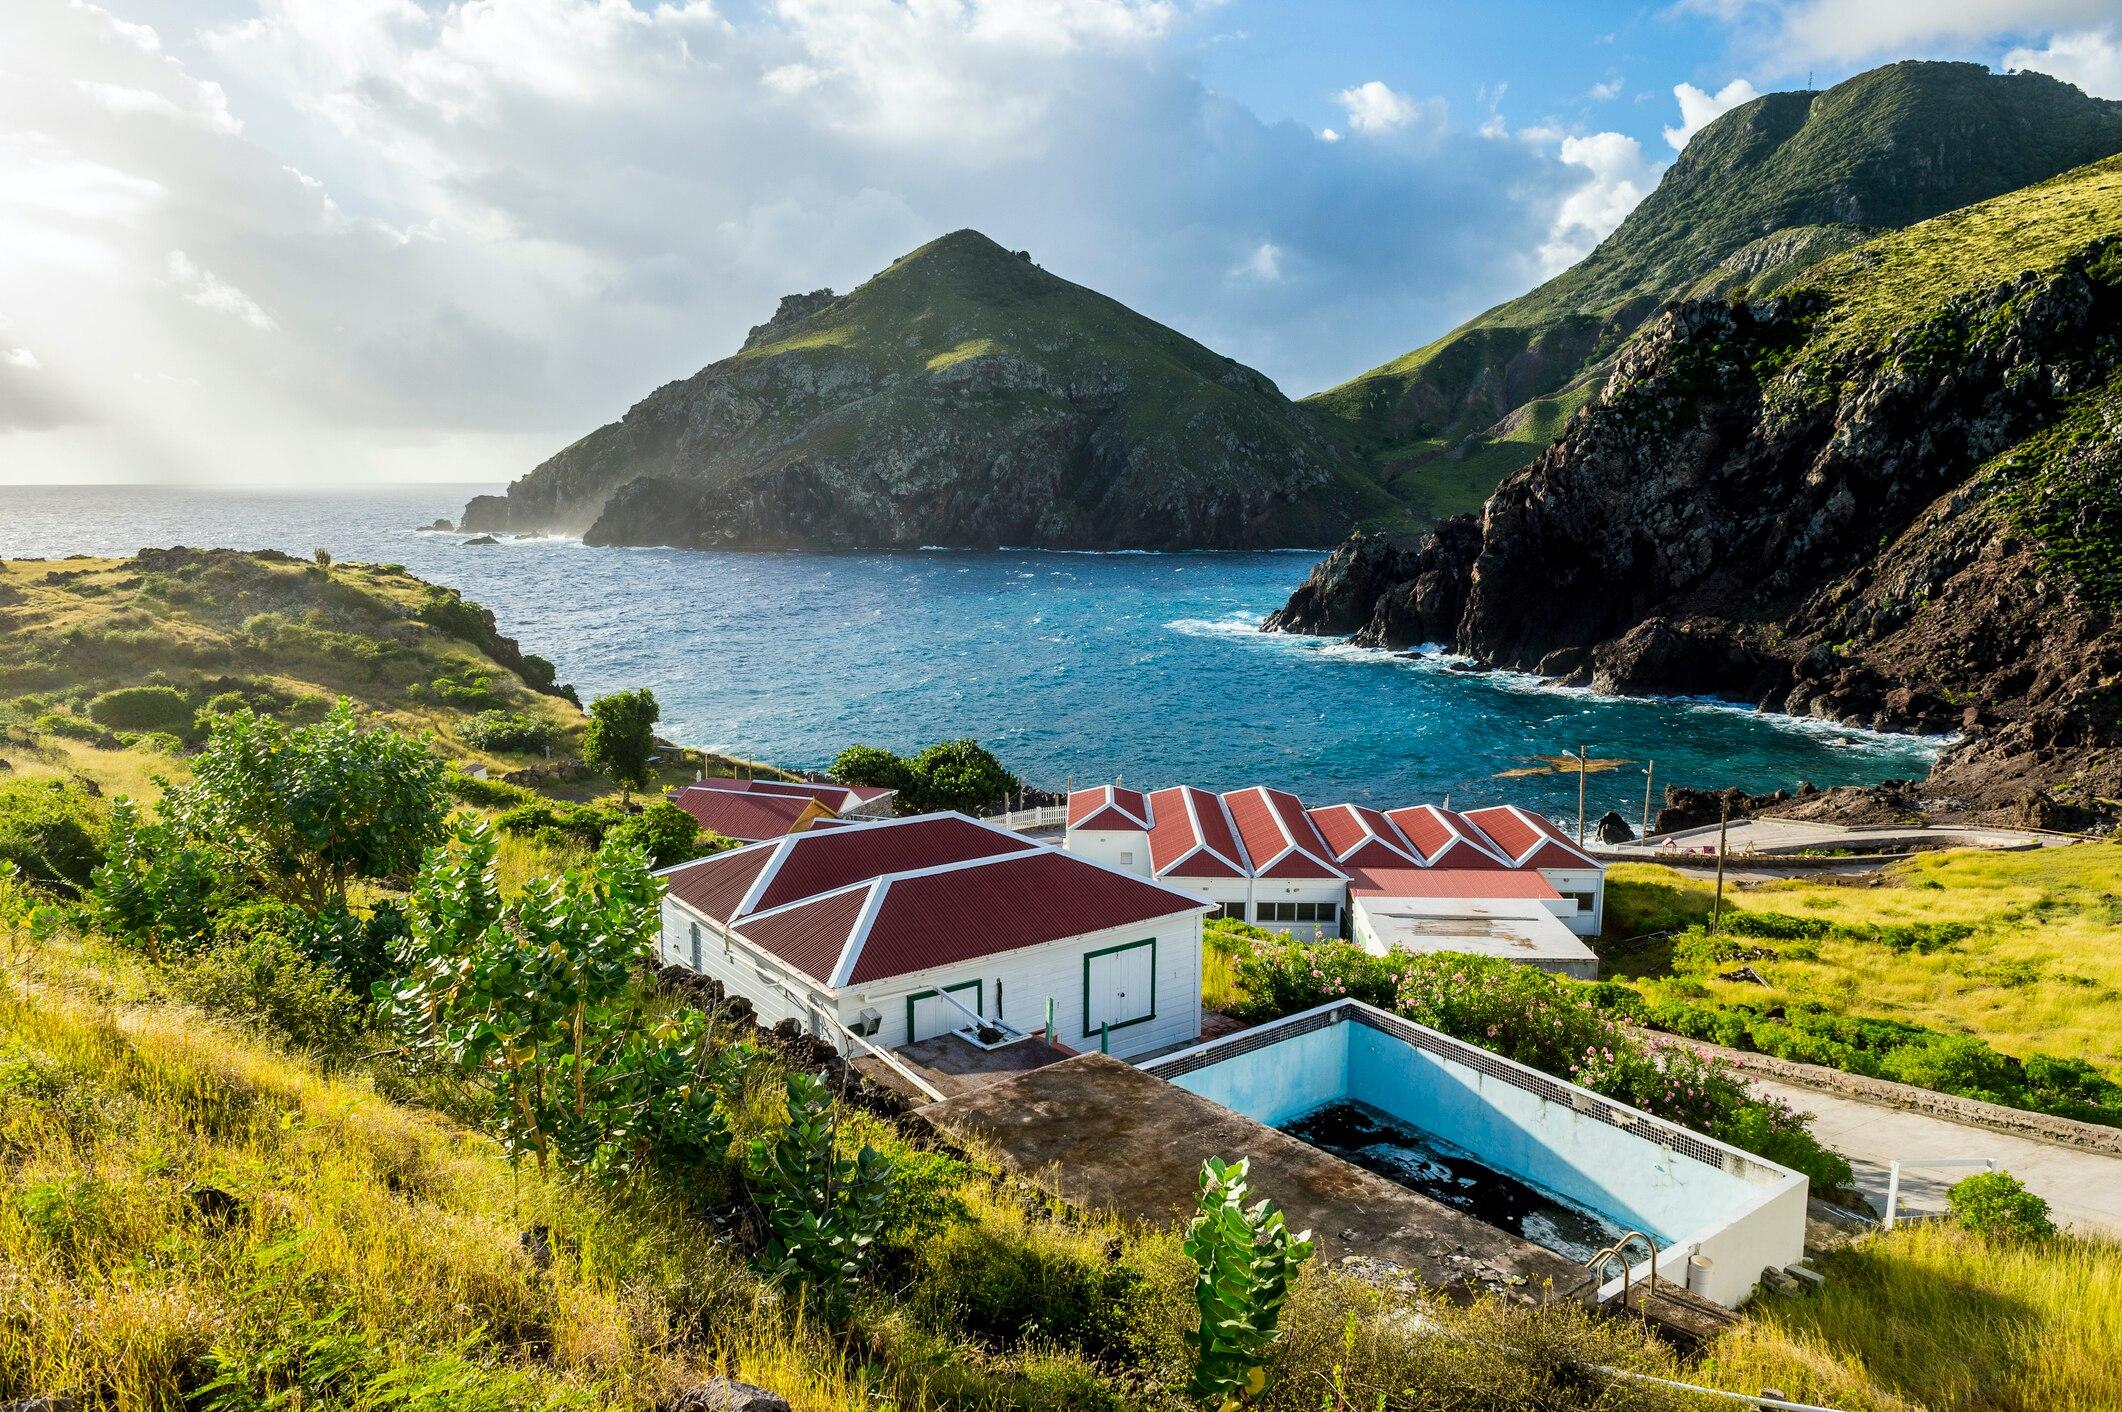 Kaum bekannte Inseln der Karibik: Saba